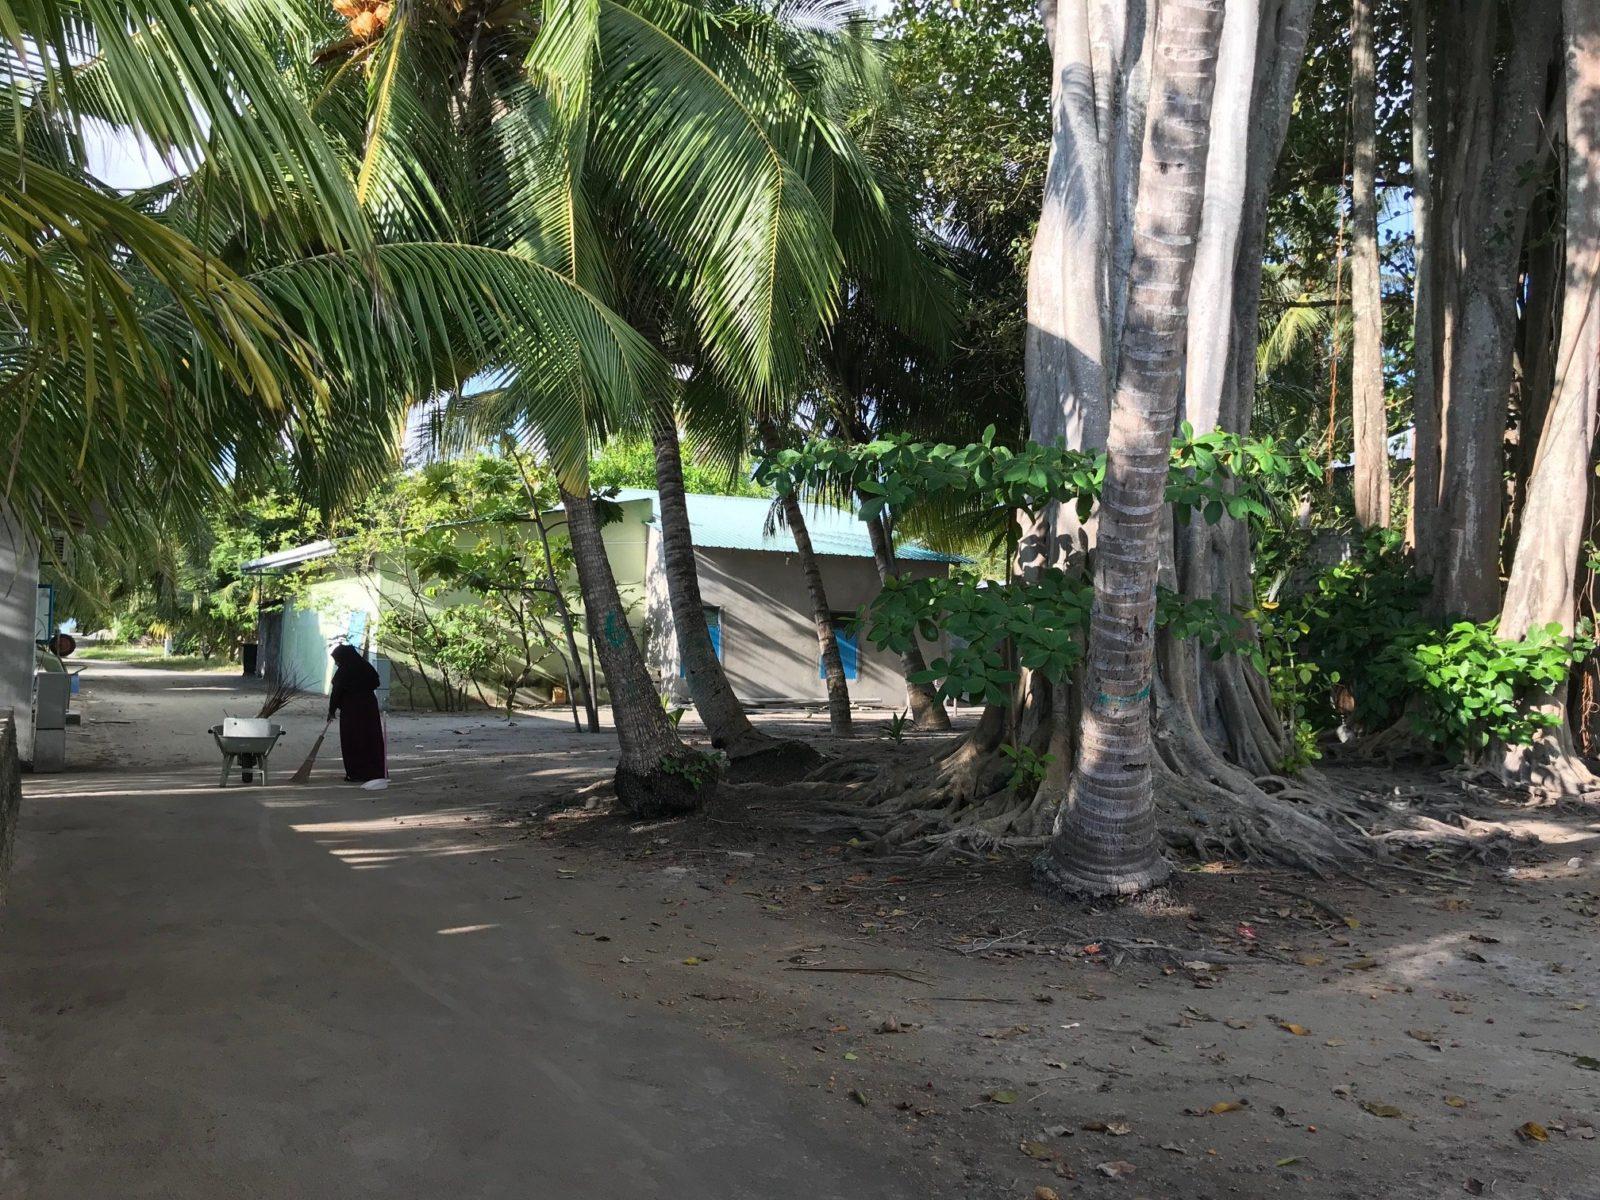 улицы острова Мативери, Мальдивы - ранее утро